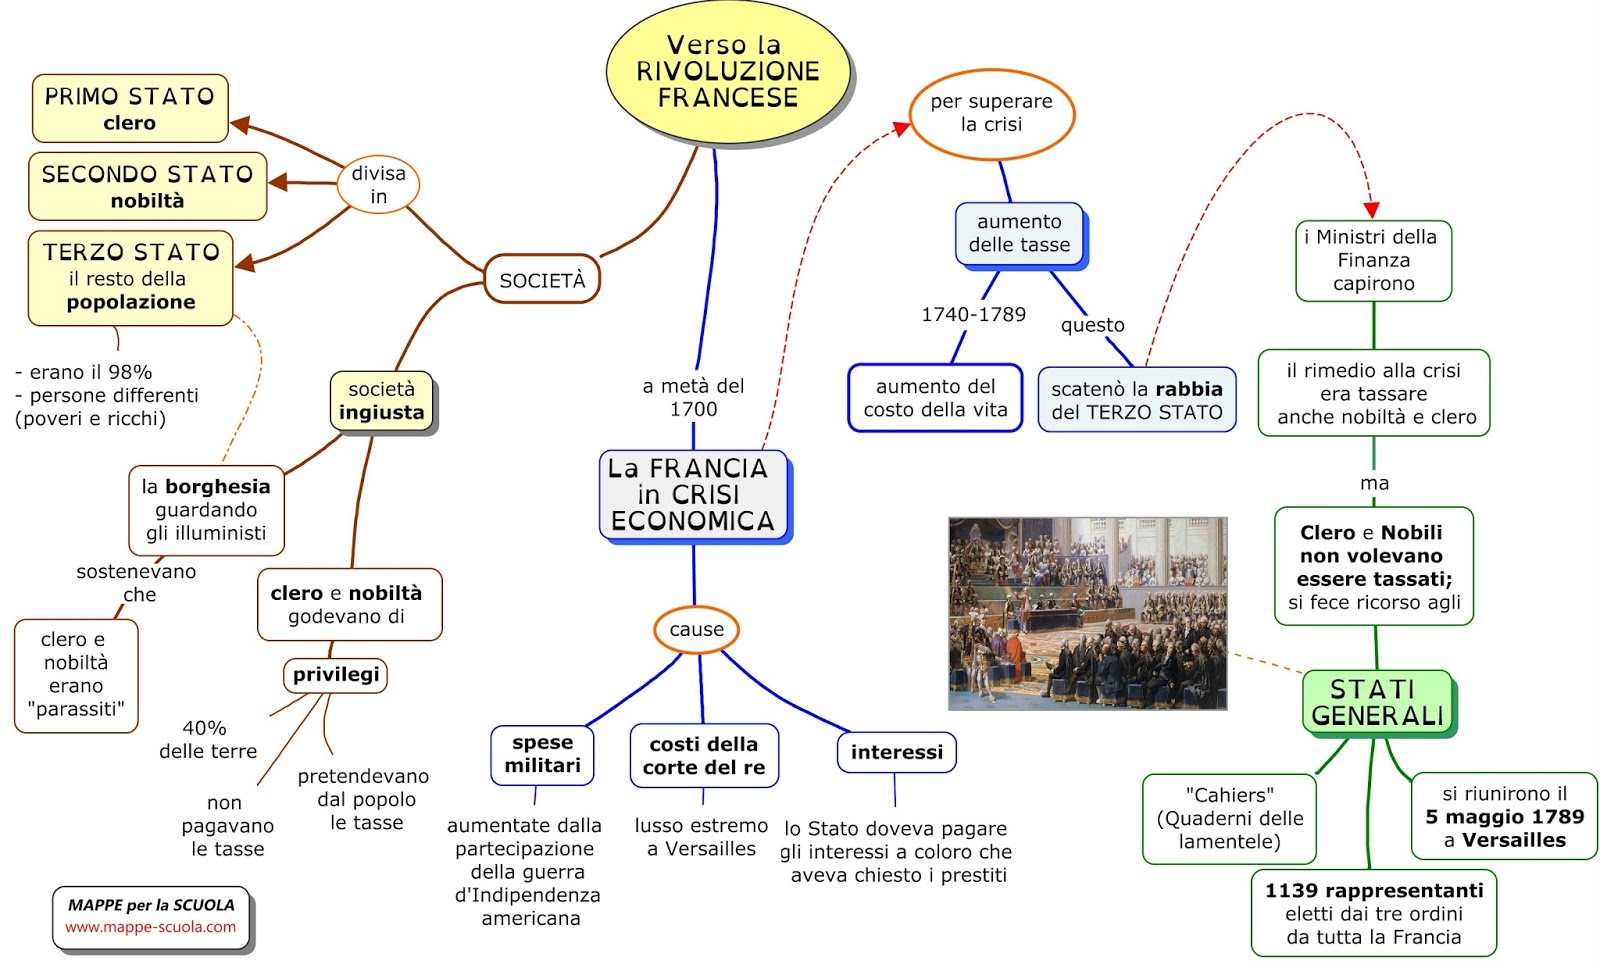 Favorito MAPPE per la SCUOLA: LA RIVOLUZIONE FRANCESE QD58